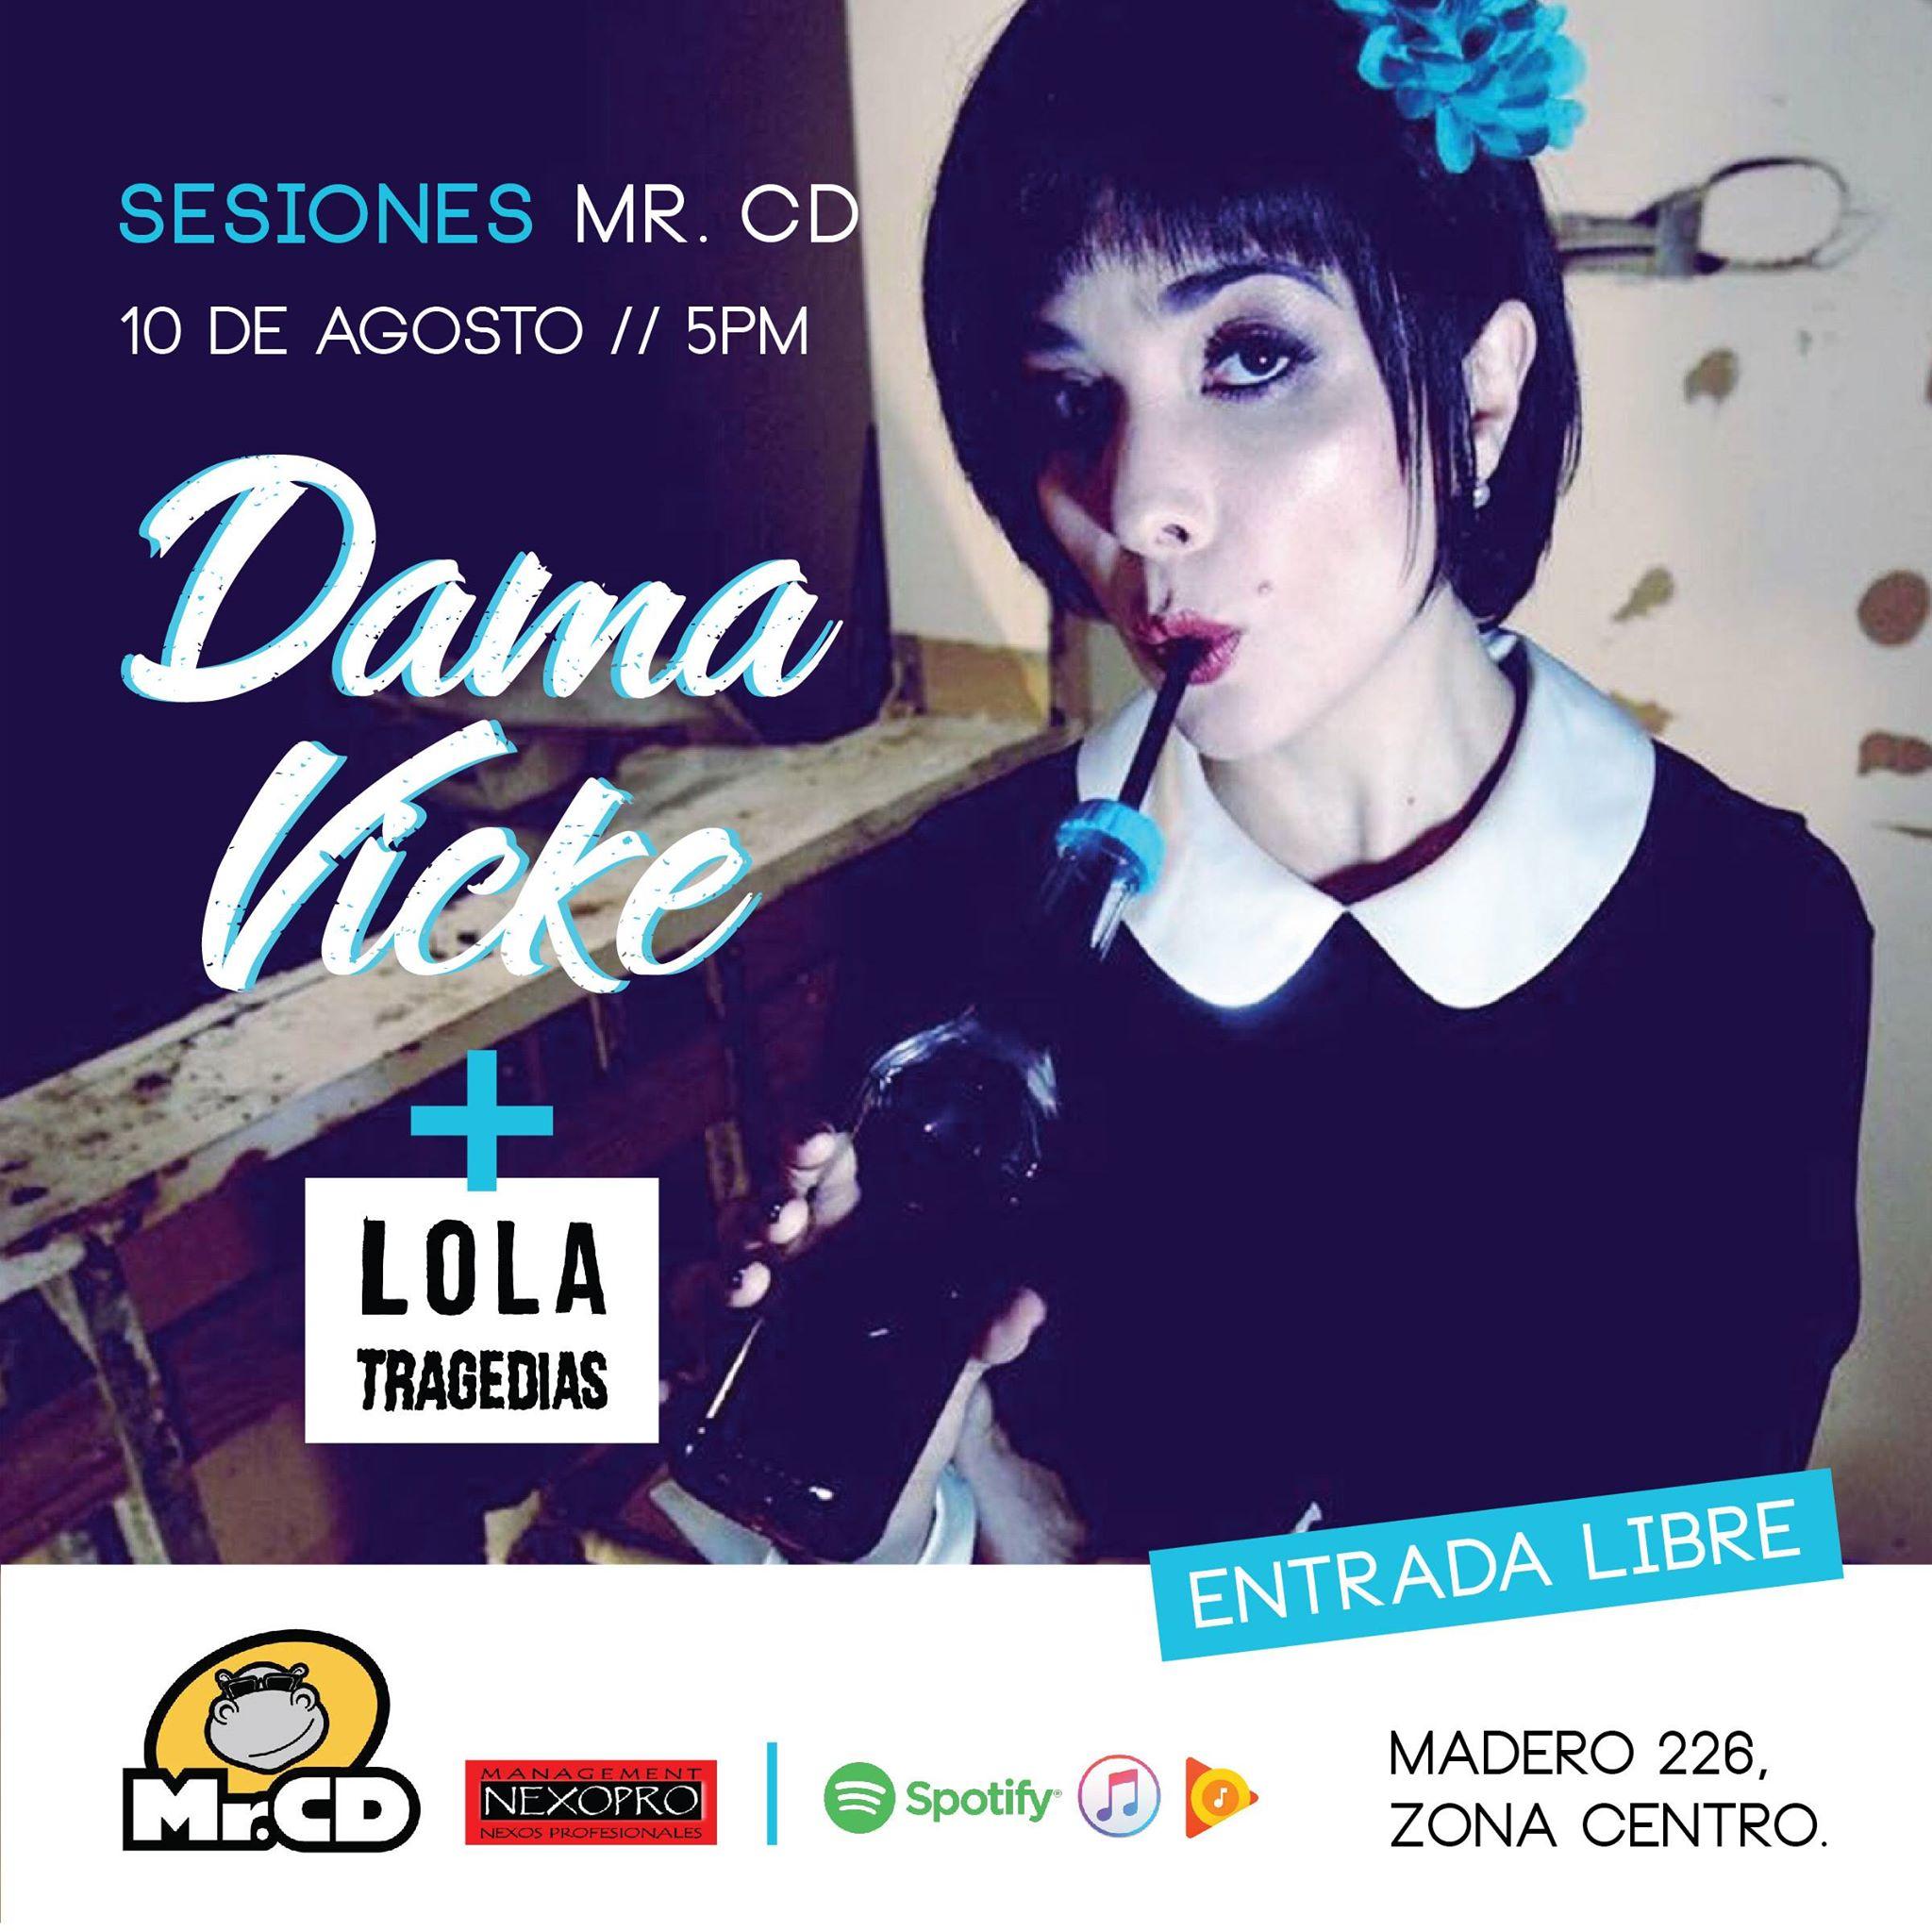 Dama Vicke / Madero 226